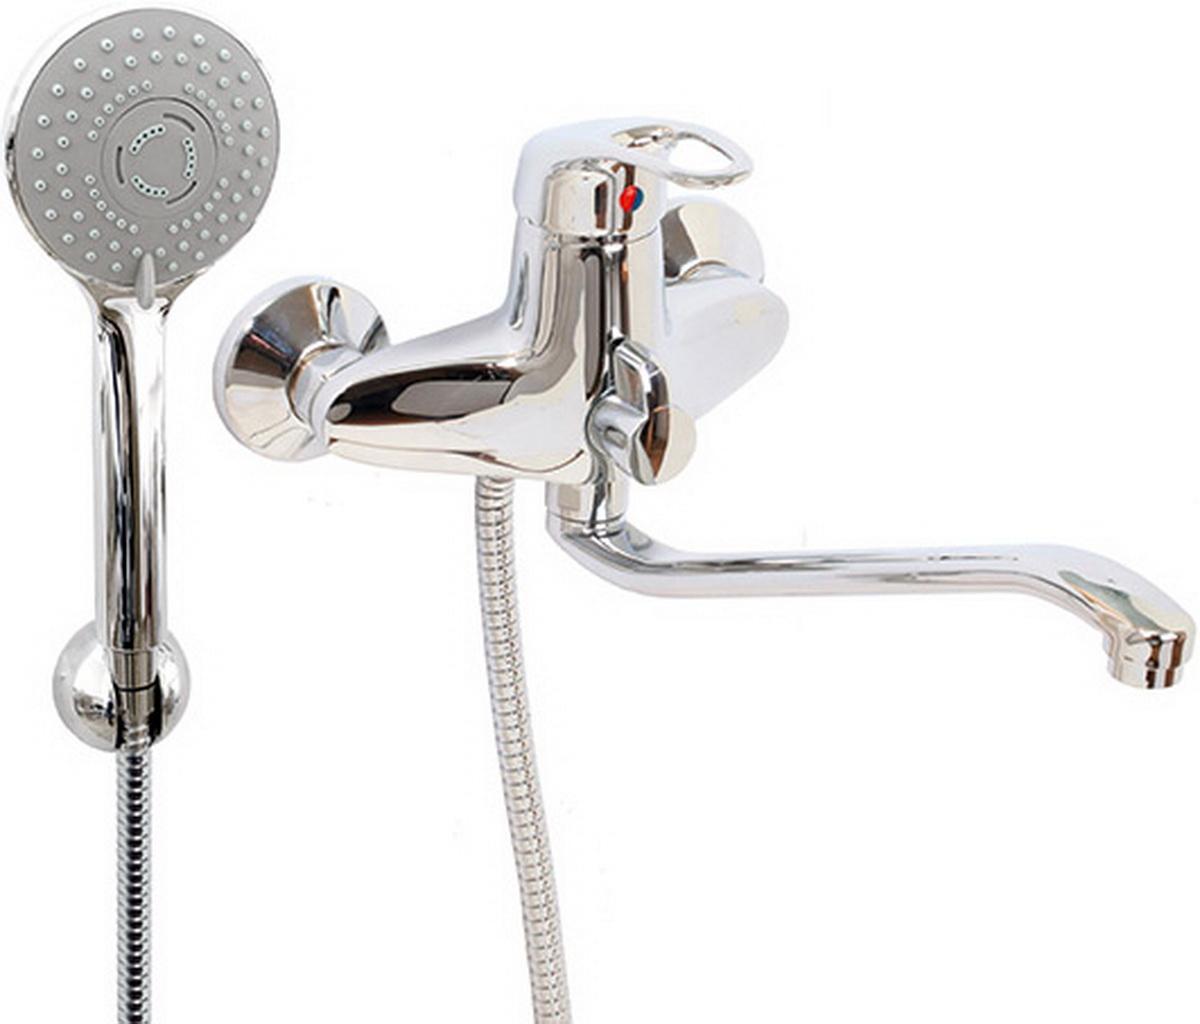 Argo смеситель для ванны и умывальника Lux Jamaica, d-40, керамическийамбукса, S образный излив 295 мм29347Смеситель для ванны и умывальника 40-s35l/k jamaica картридж d-40 мм short-size, крепеж эксцентрик усиленный 3/4 х 1/2 + прокладка-фильтр аэратор м24х1 наружная резьба only plast 10 - 13 л/мин. при 0,3 МПа покрытие никель / хром комплектация душевой шланг 150 см, оплетка - хромированная нержавеющая сталь, двойной замок, 1/2 душевая лейка Lux трехпозиционная: душ, массаж, душ/массаж кронштейн двухпозиционный материал основа латунь